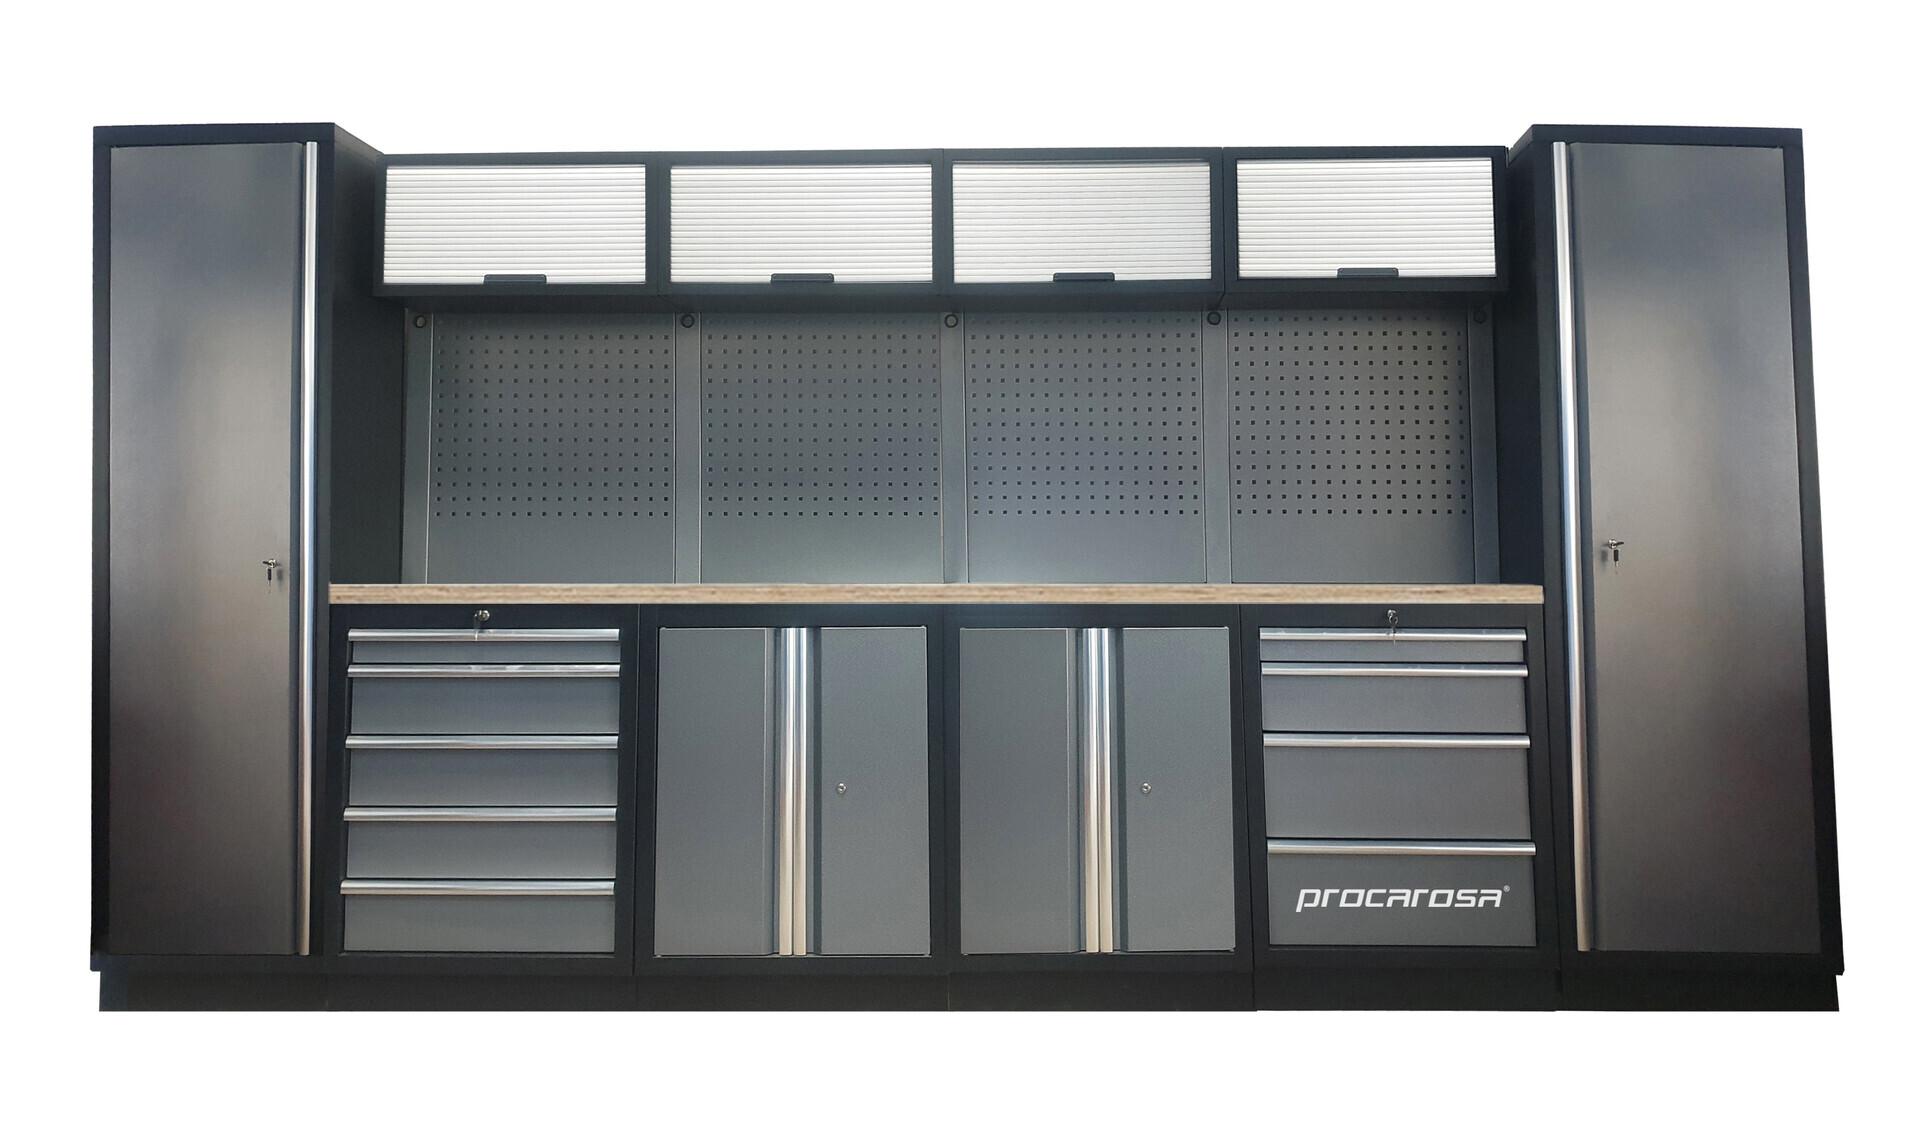 Sestava dílenského nábytku Procarosa PROFESSIONAL L-1 Pracovní deska: dřevěná, Hmotnost: 3